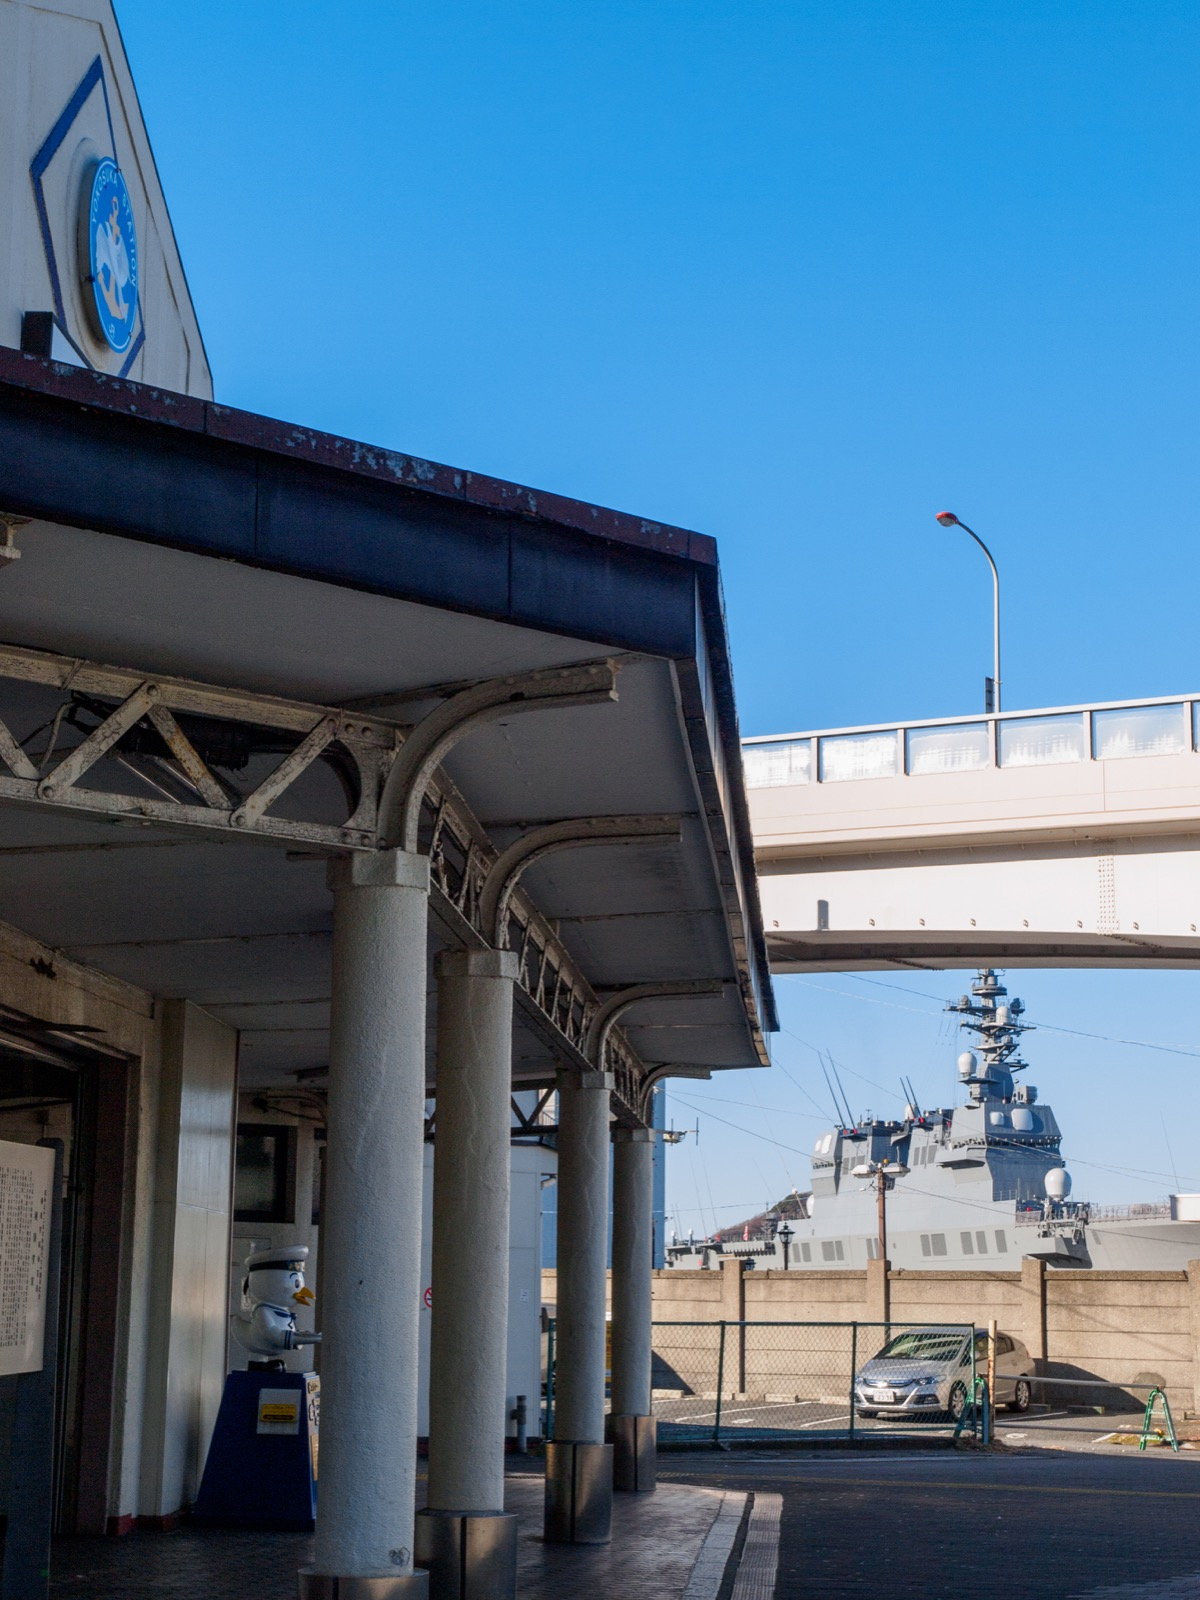 横須賀駅の駅舎と軍艦(2015年1月)